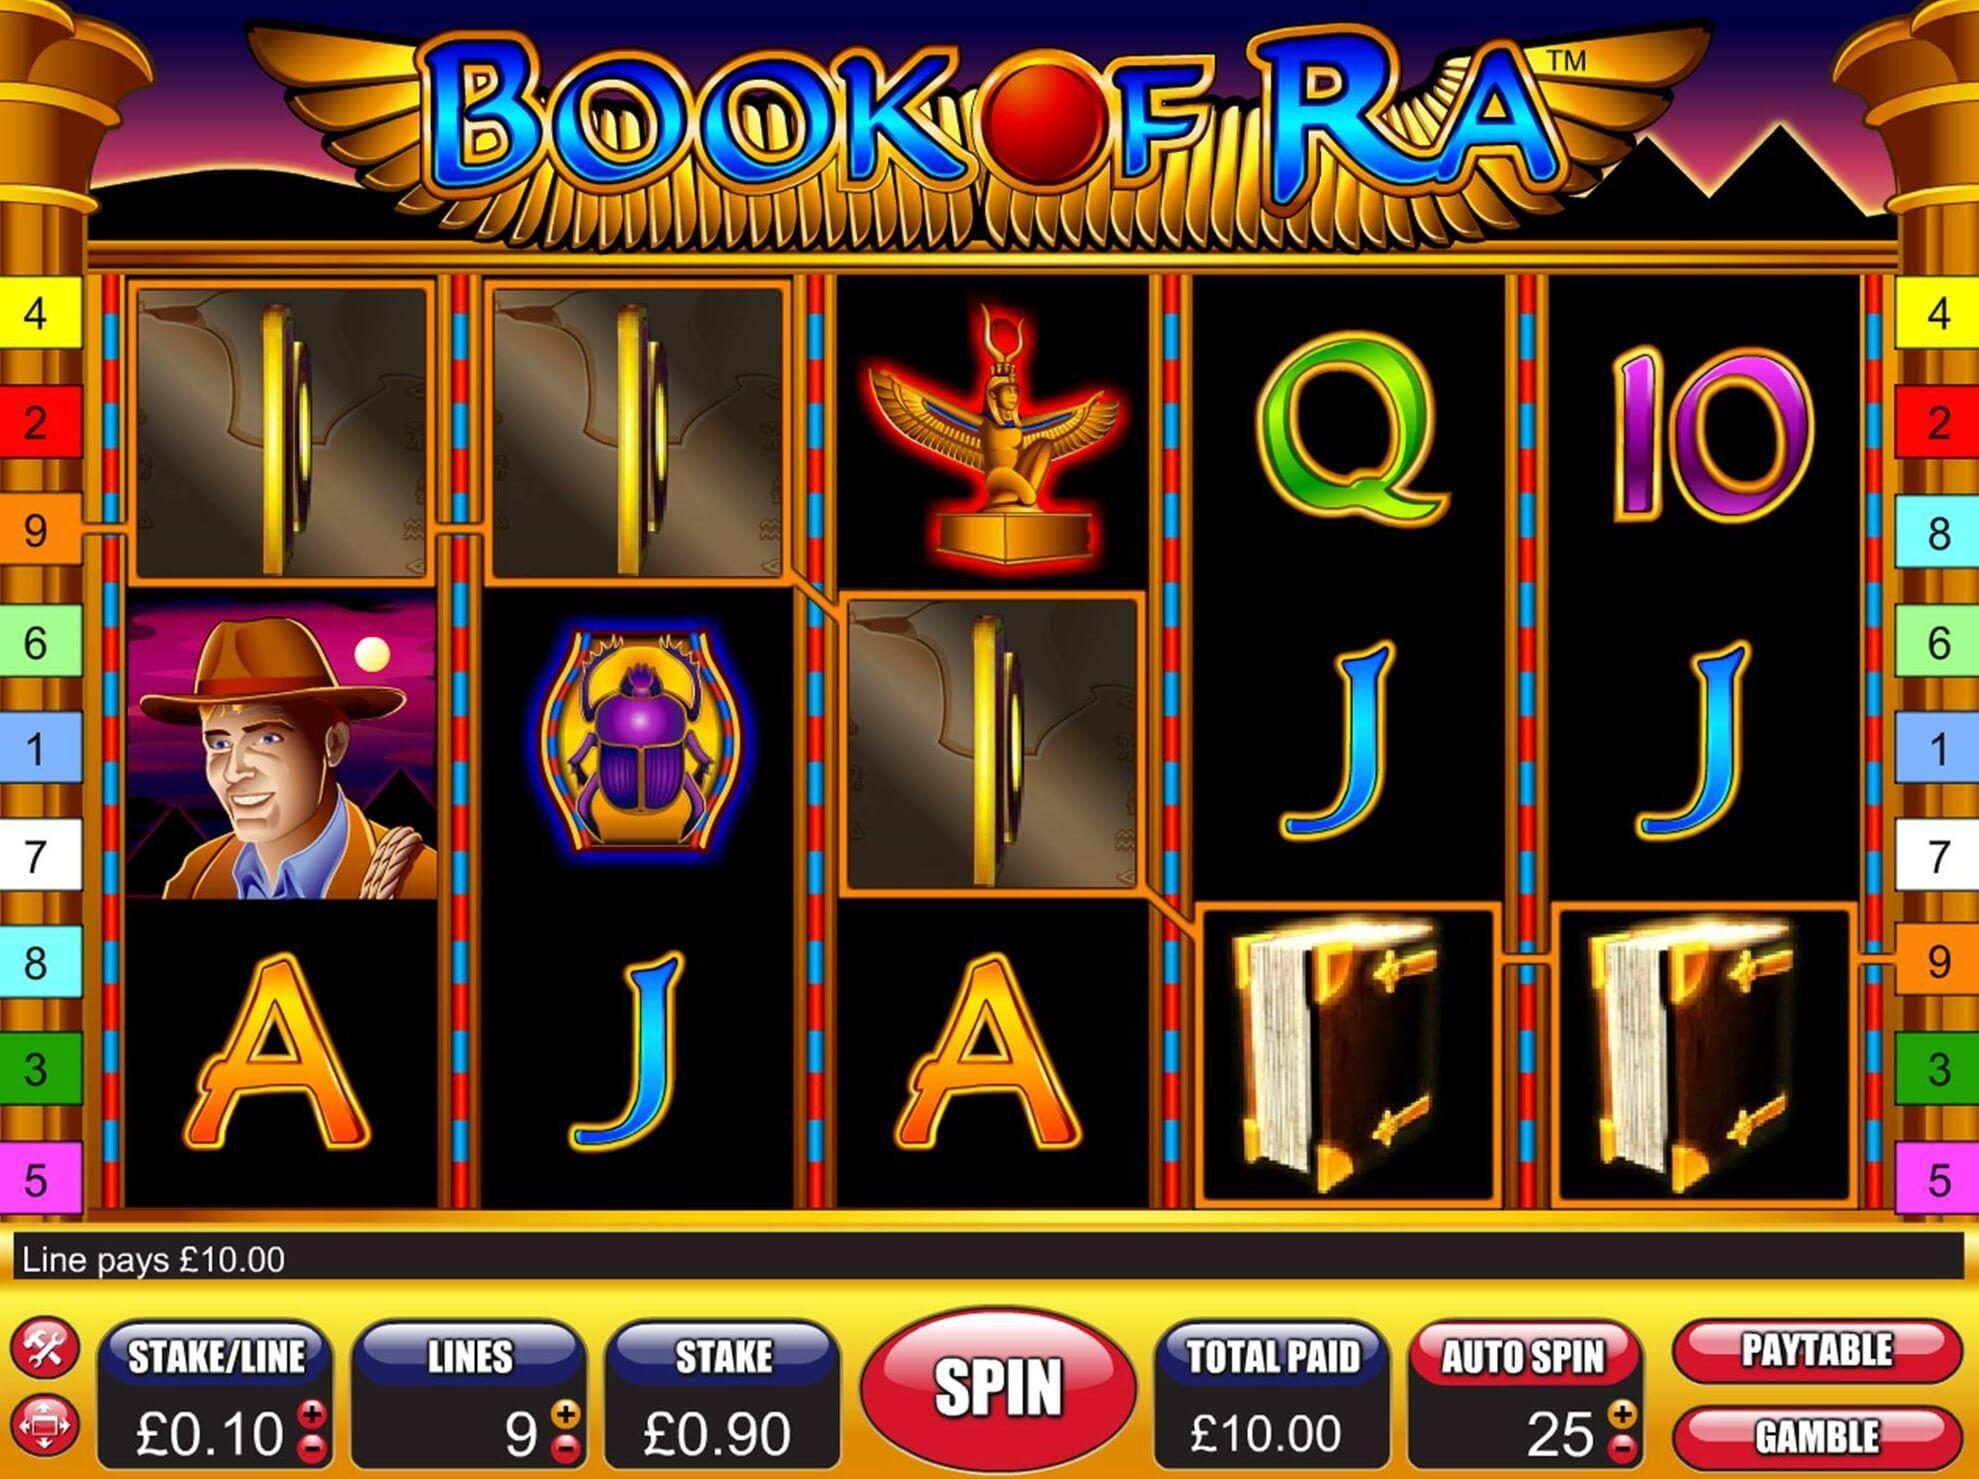 Игры скачать бесплатно азартные карты